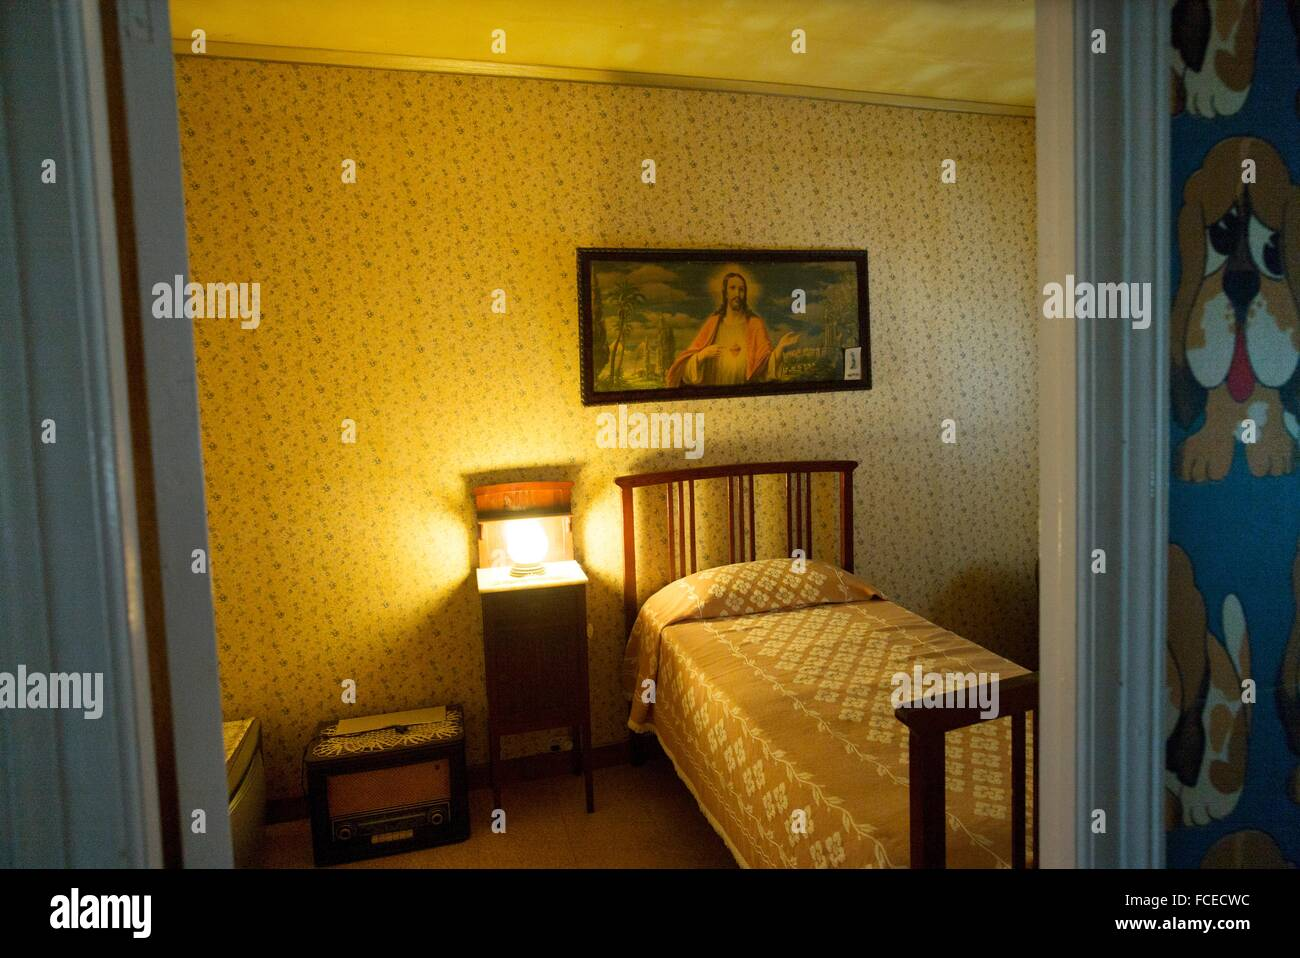 Vintage Schlafzimmer Mit Einem Bild Des Heiligen Herzens Von Jesus Hängt An  Das Kopfteil Für Ein Bett Und Ein Nachttisch Mit Einer